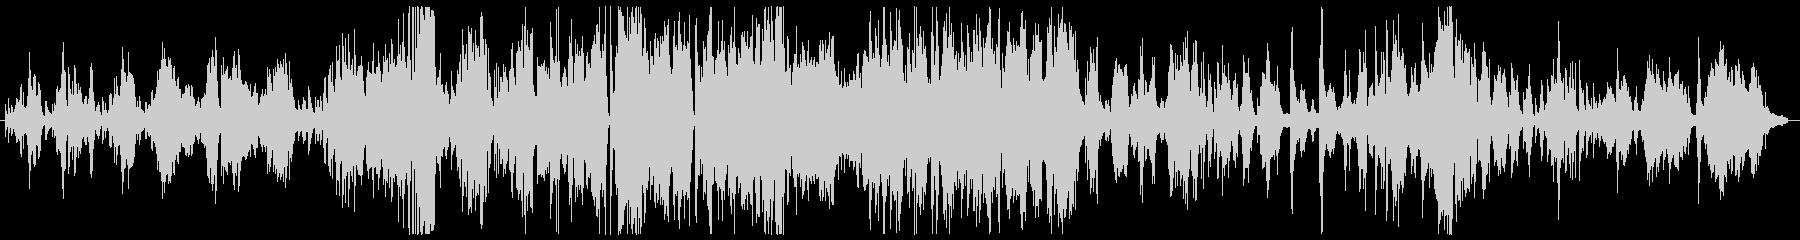 生演奏によるジャズのピアノ曲の未再生の波形